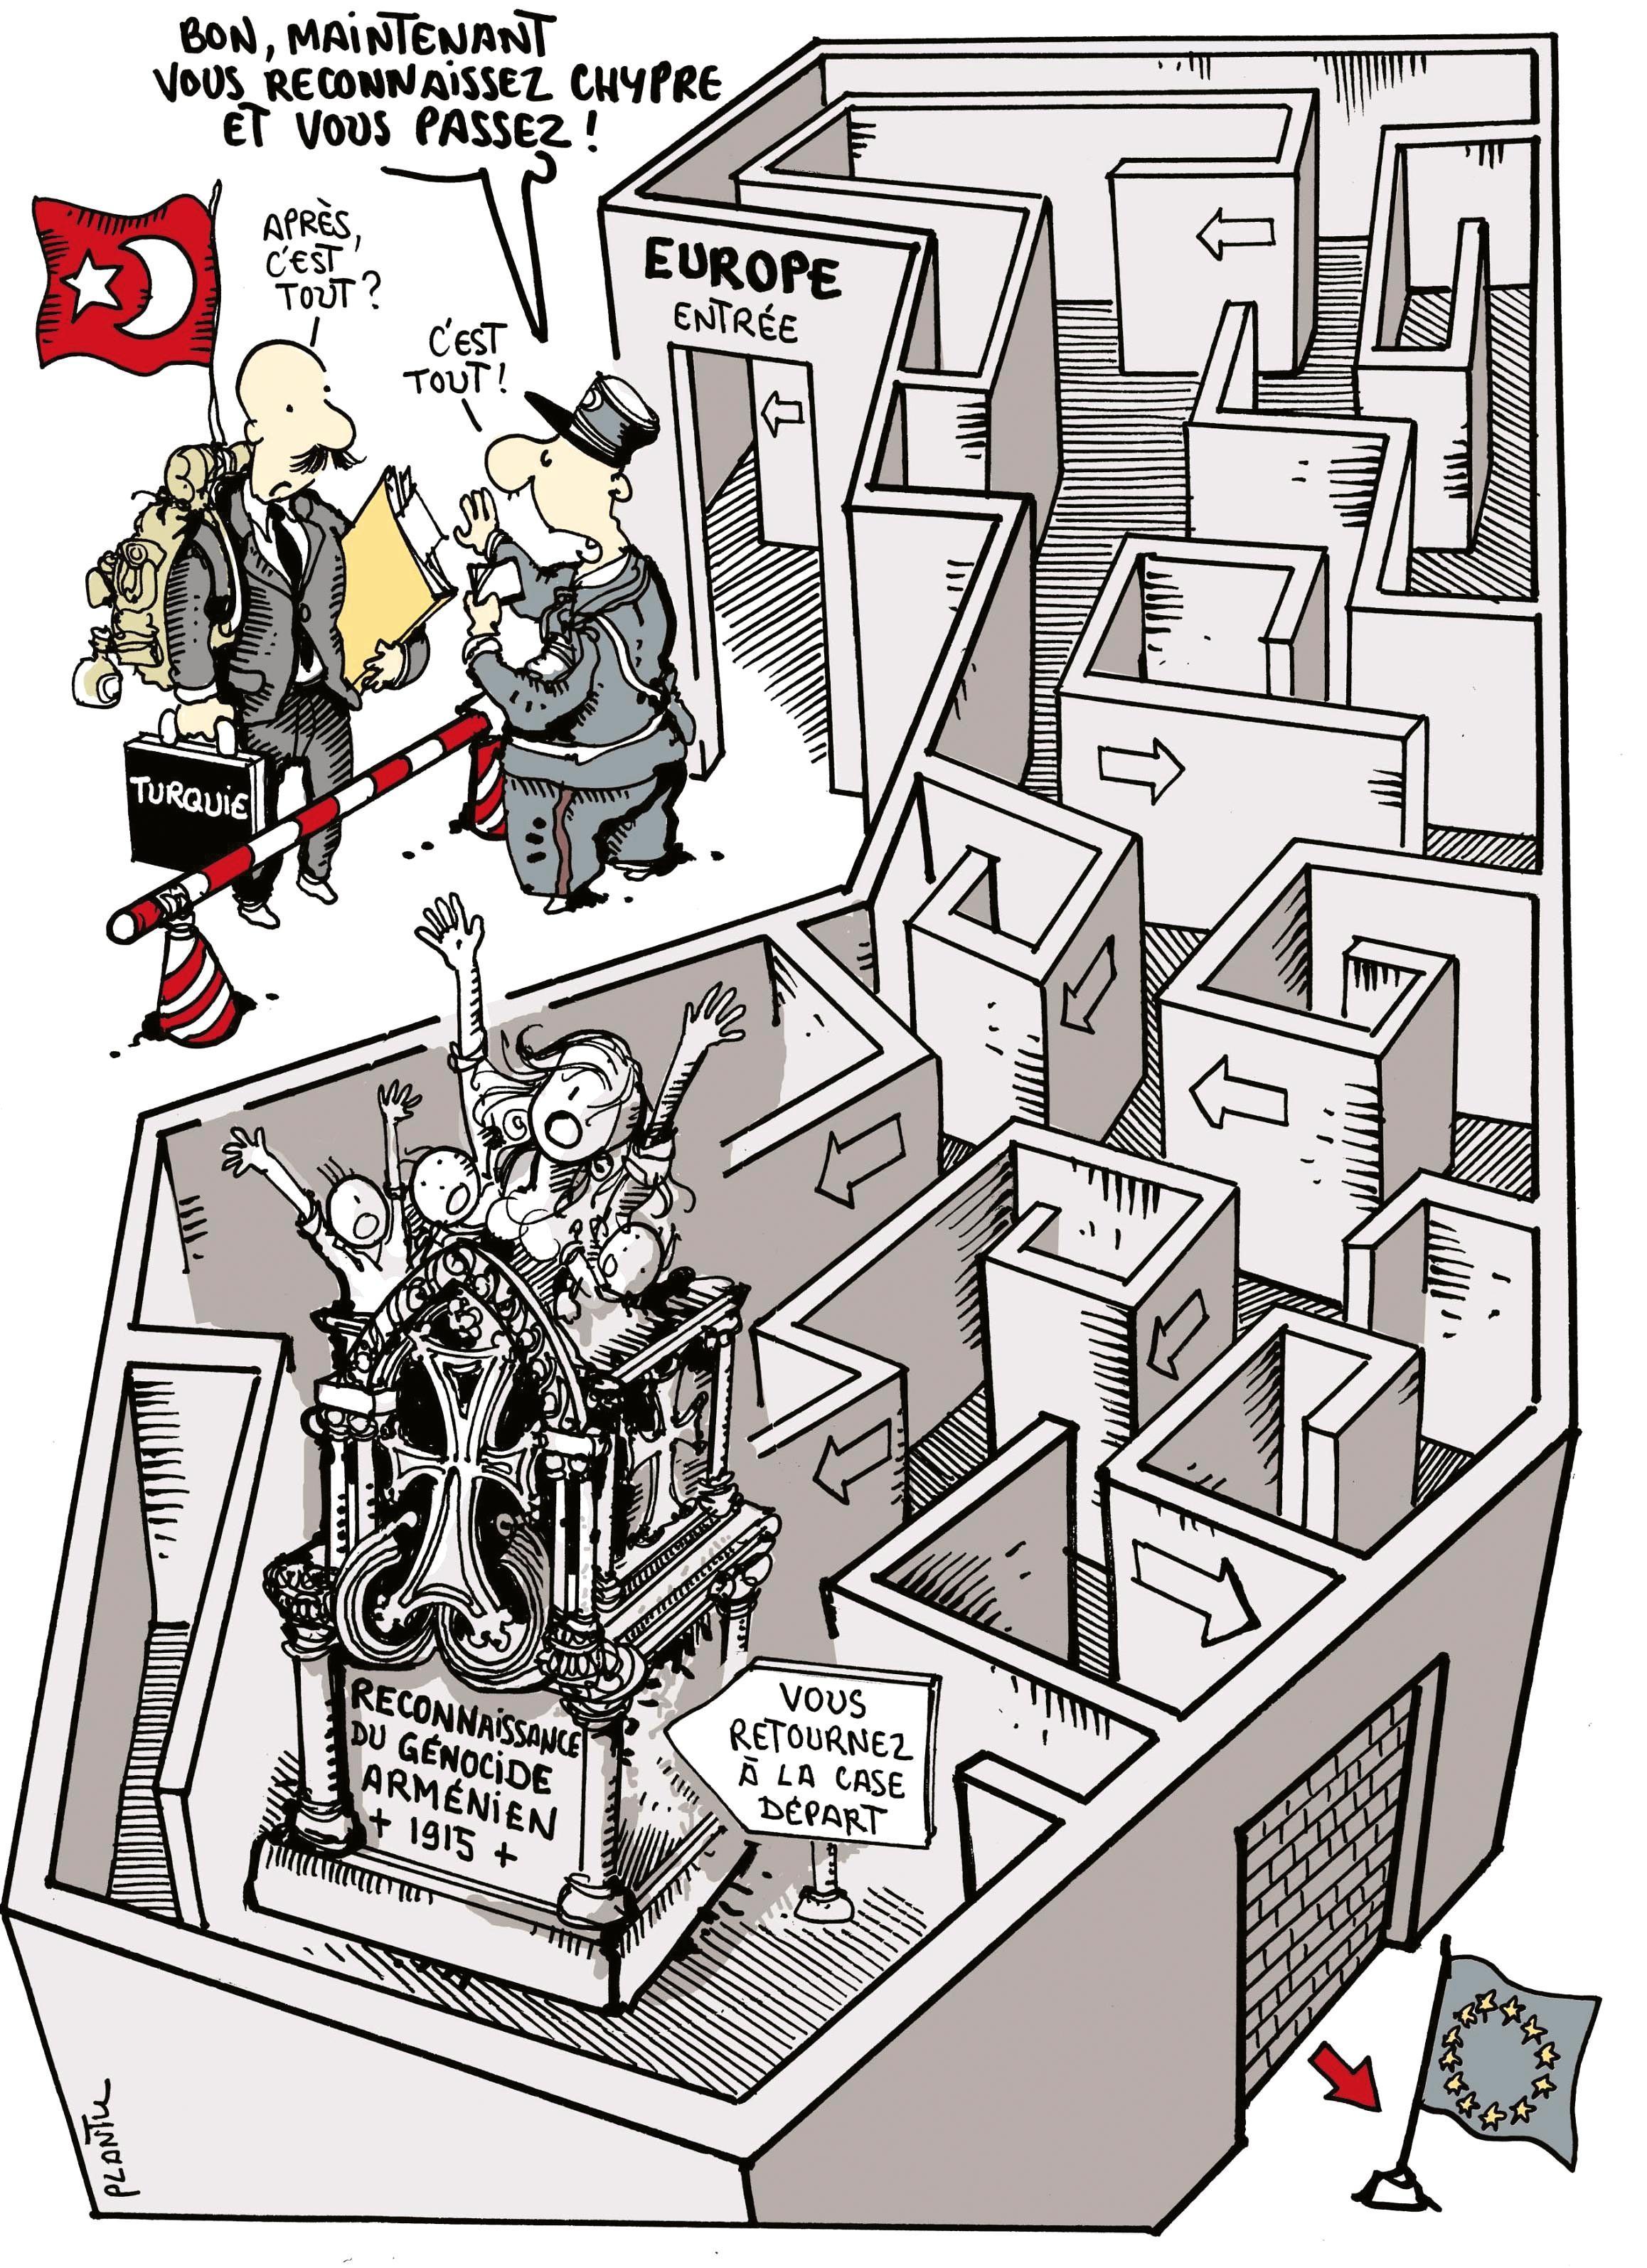 La question de l'adhésion de la Turquie